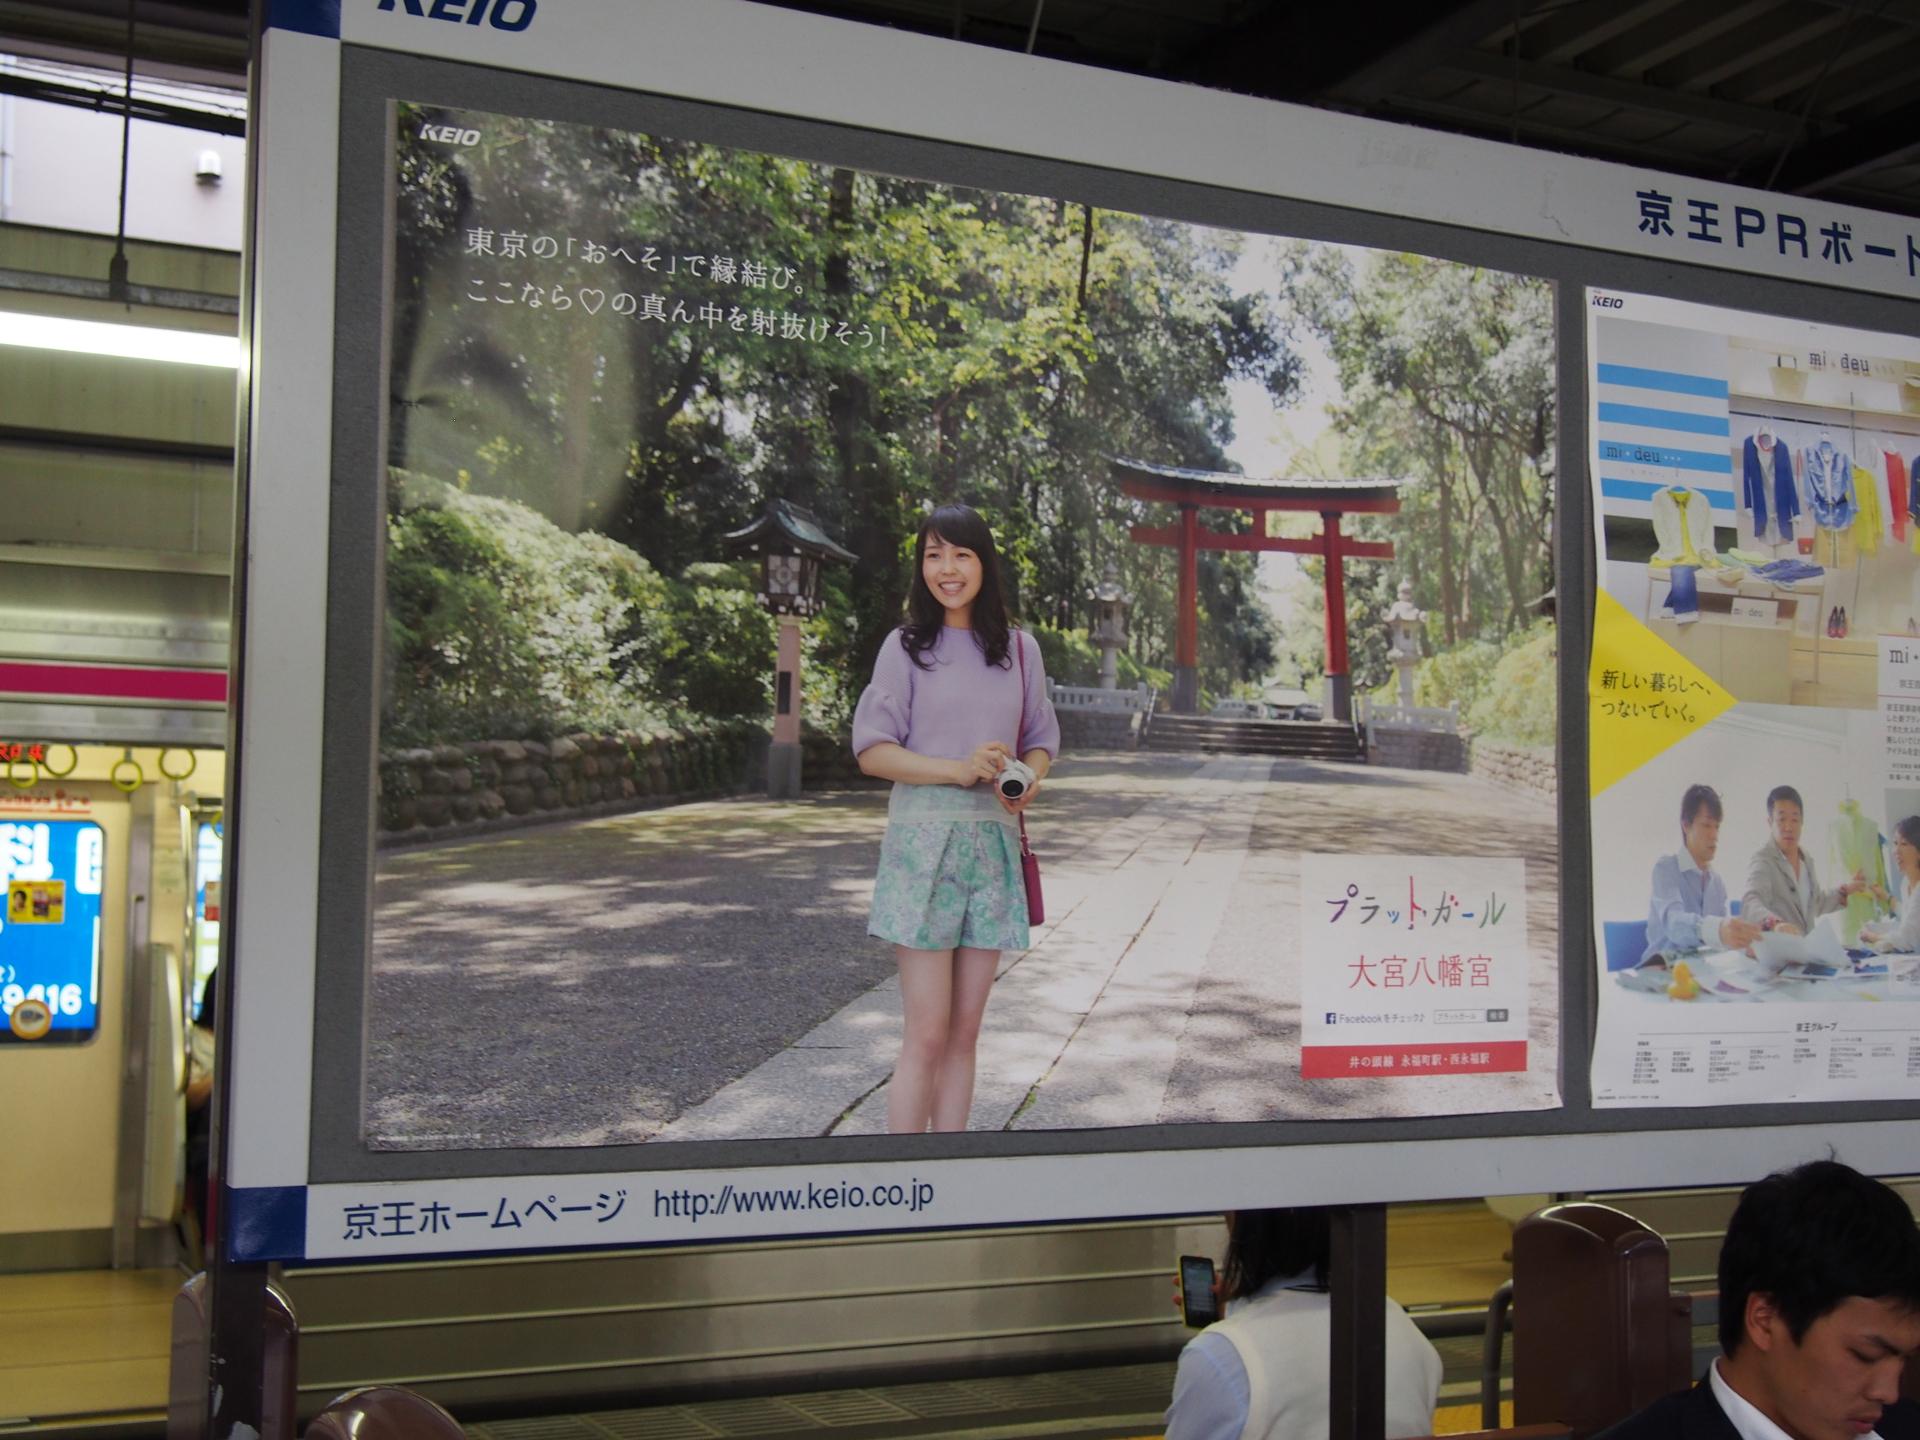 京王電鉄の「プラットガール」です。